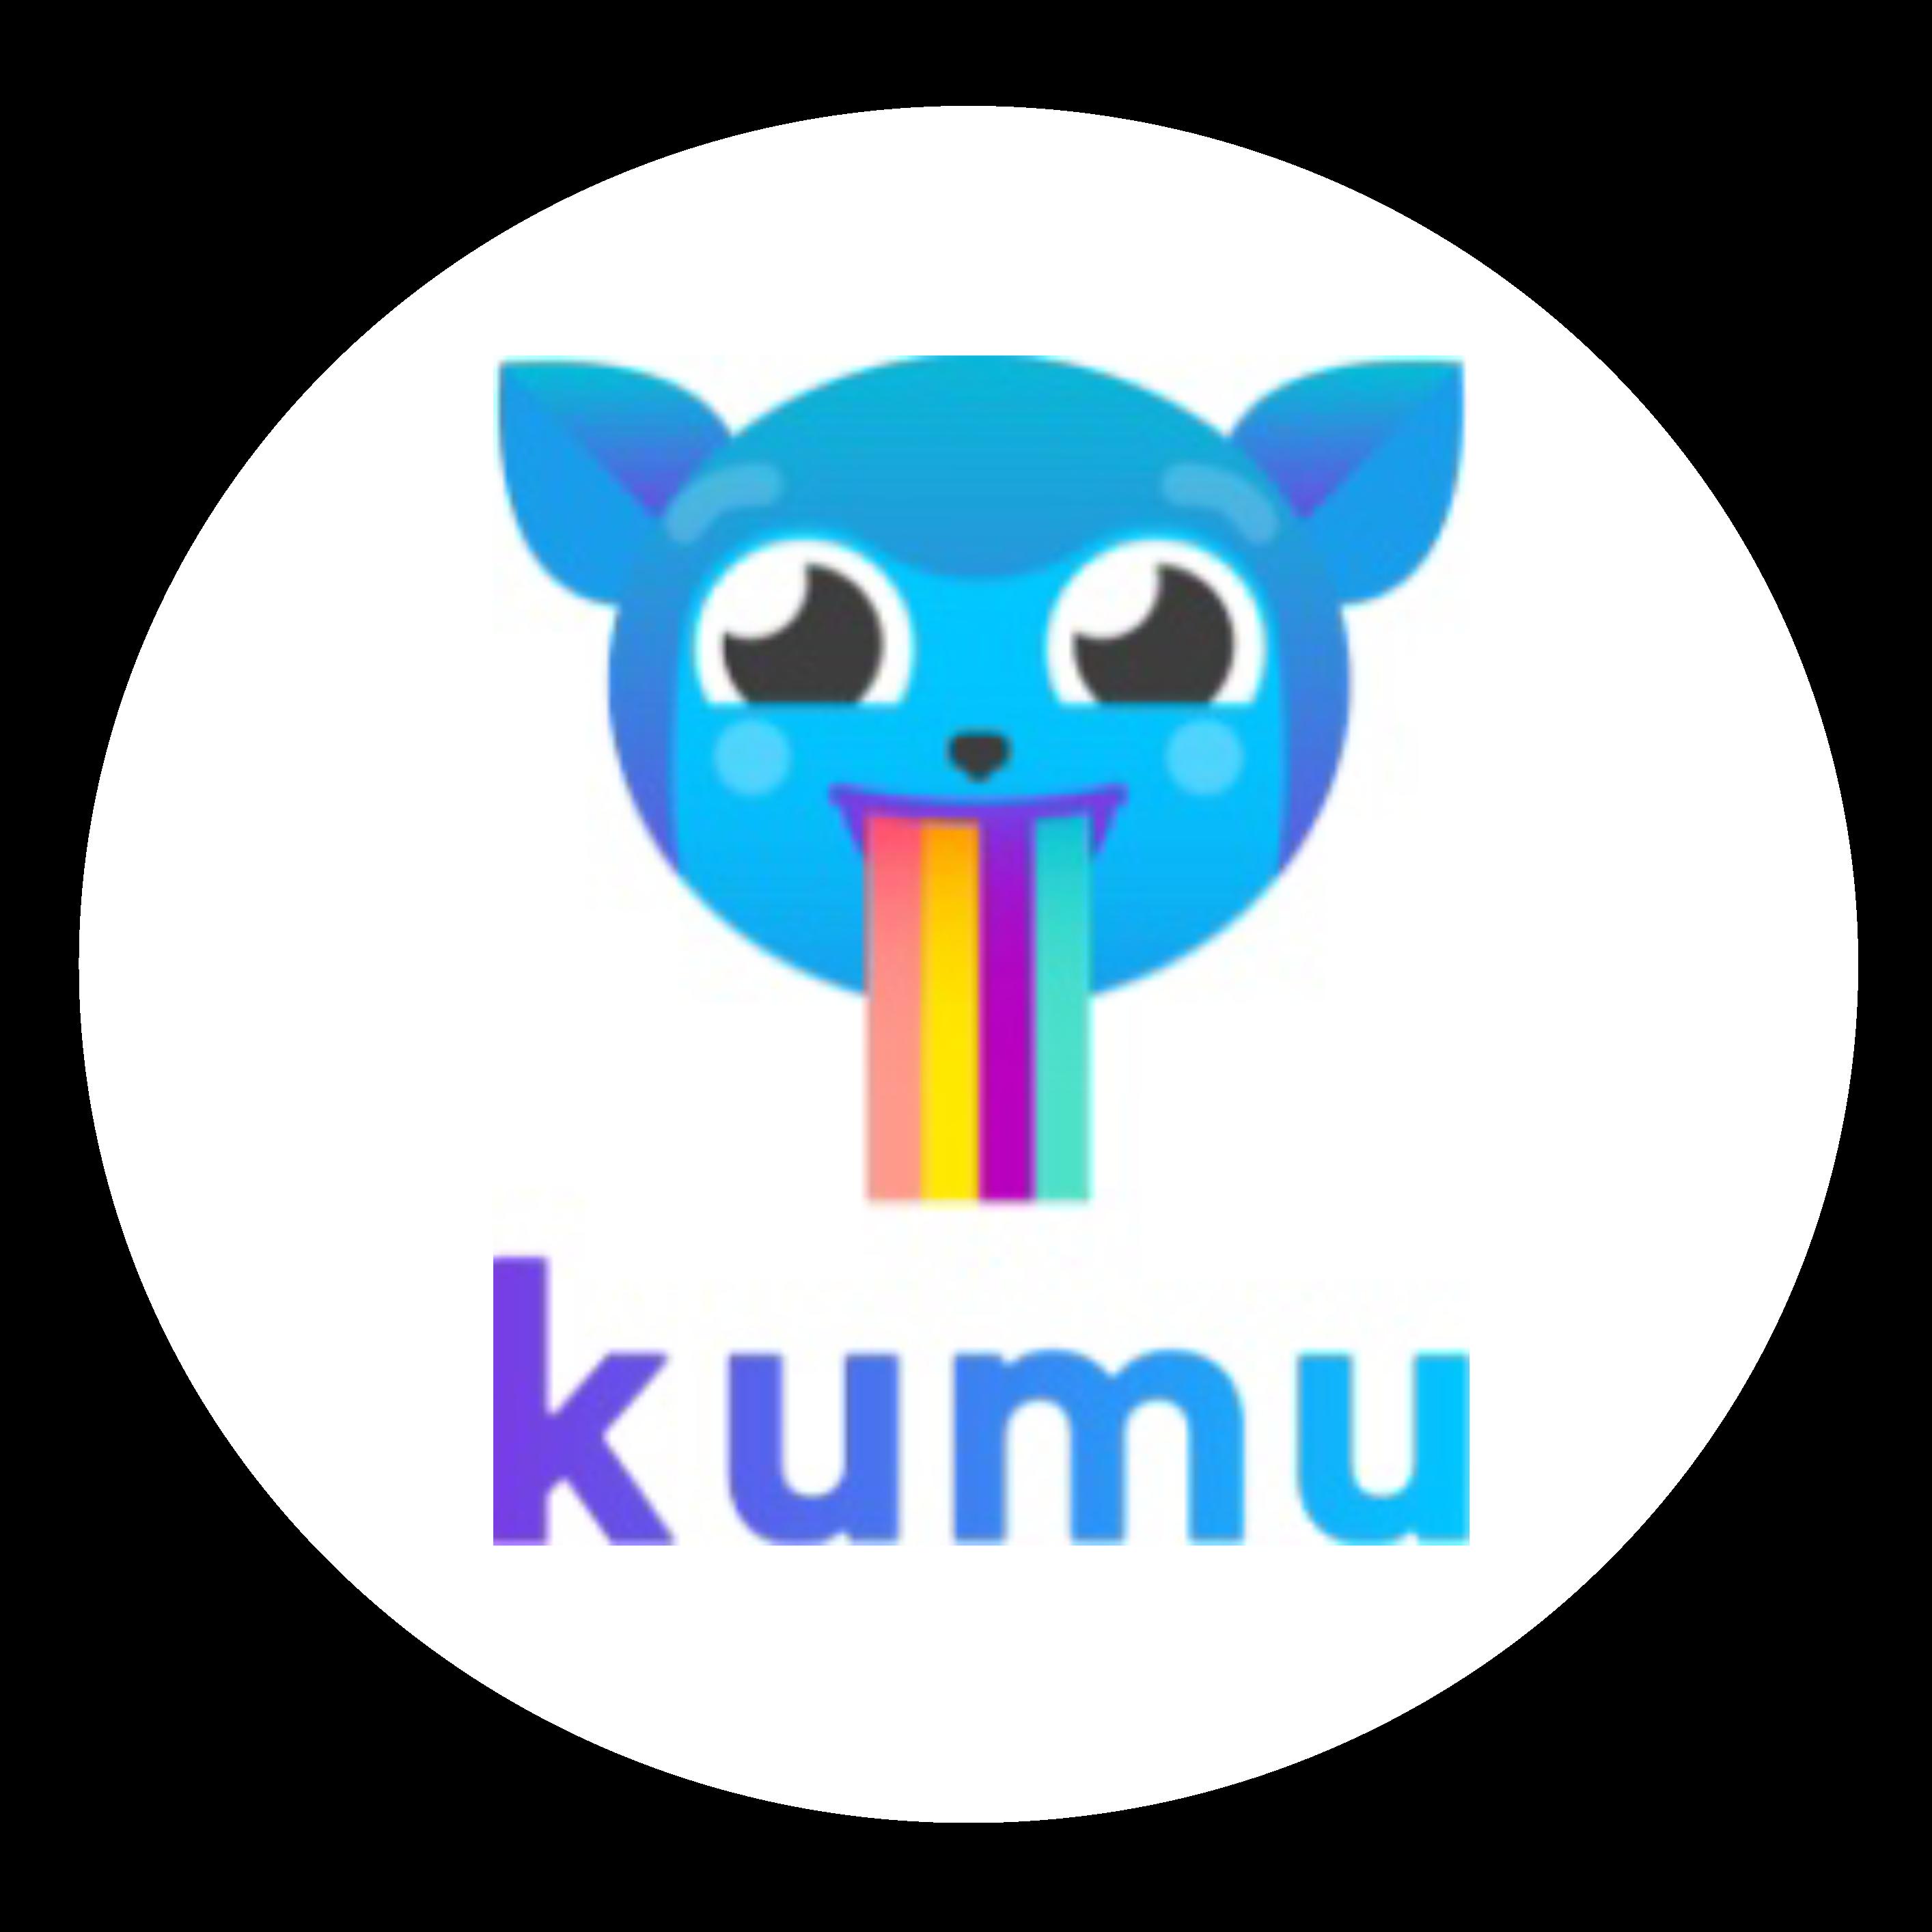 Logo Kumu Round